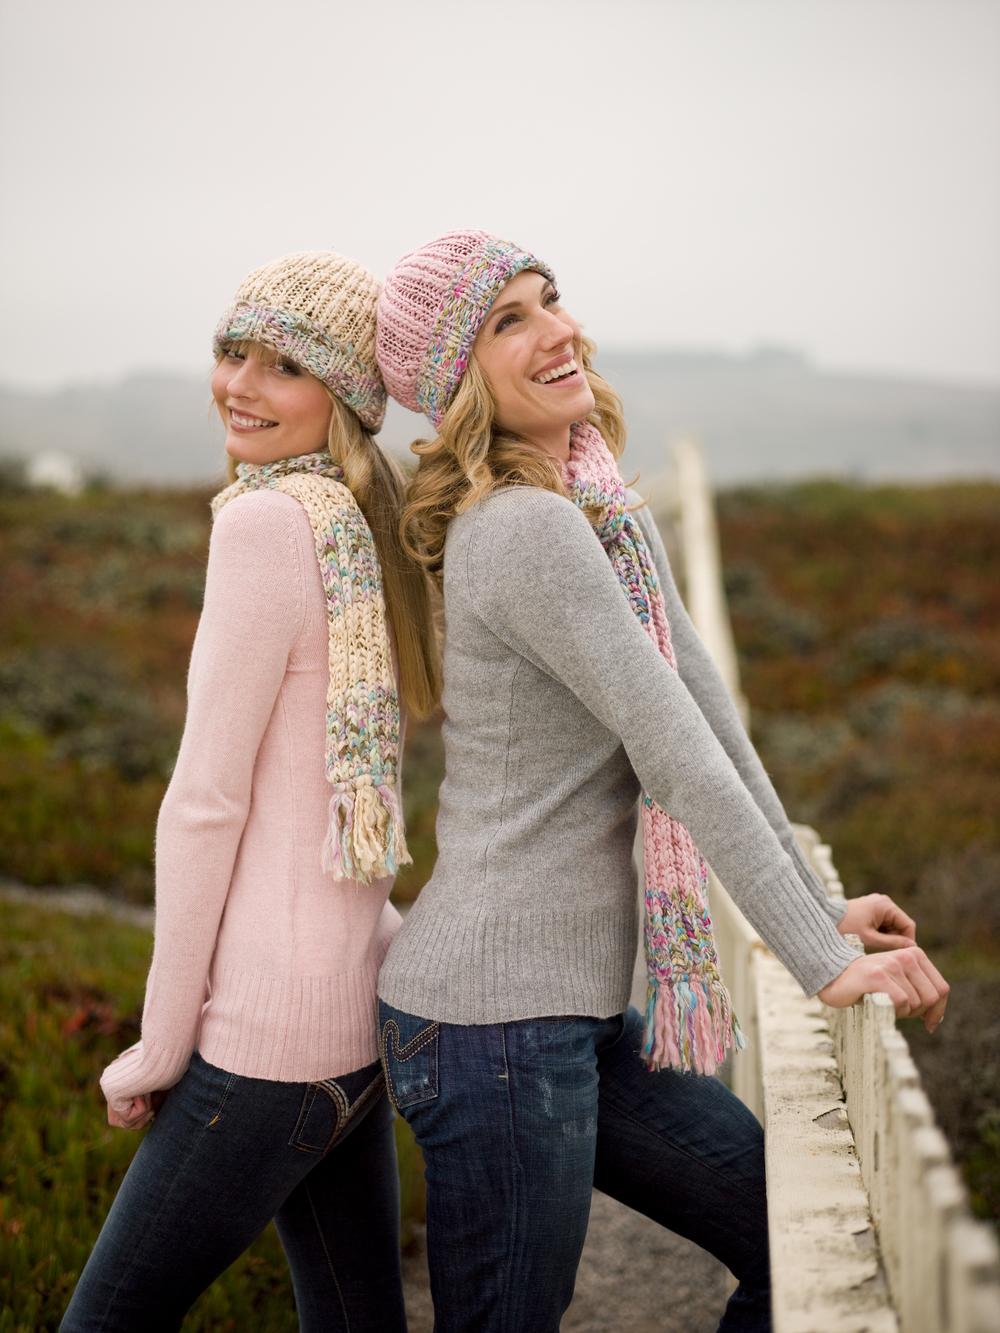 Heather&Sara_DP_W18-192.jpg